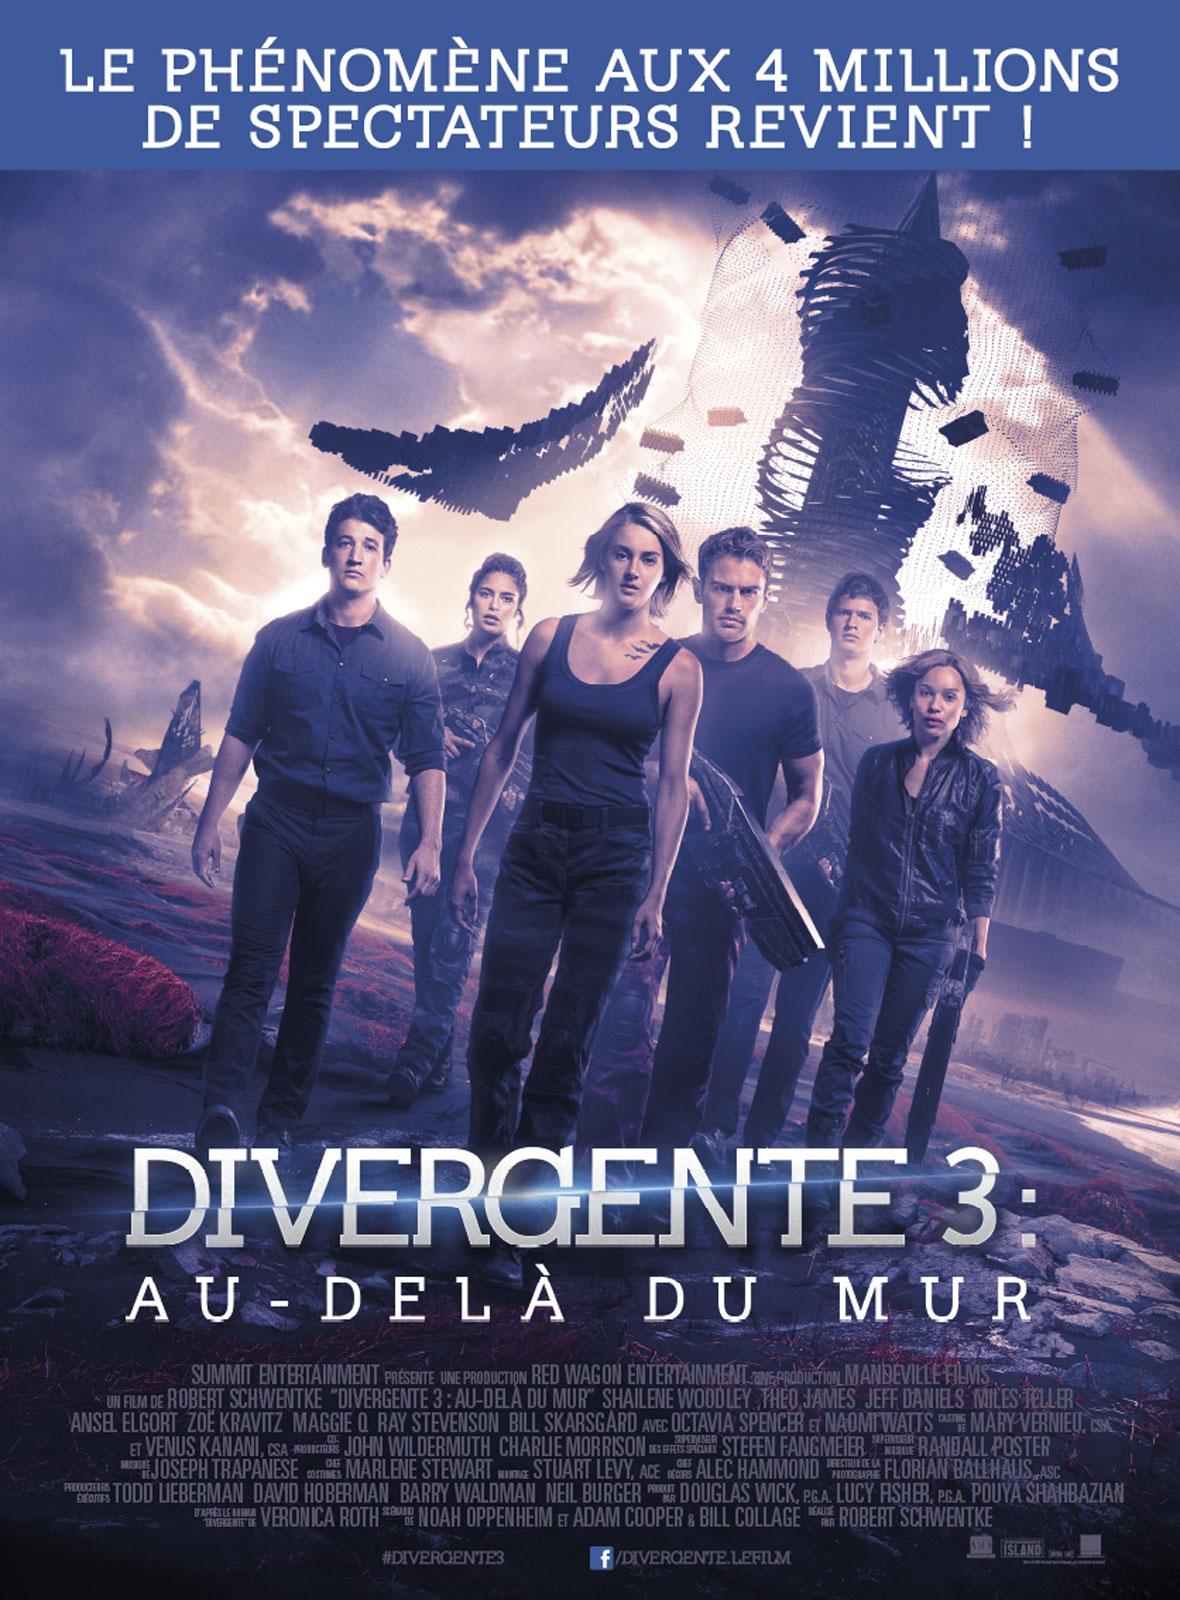 Divergente 3 : au-delà du mur ddl